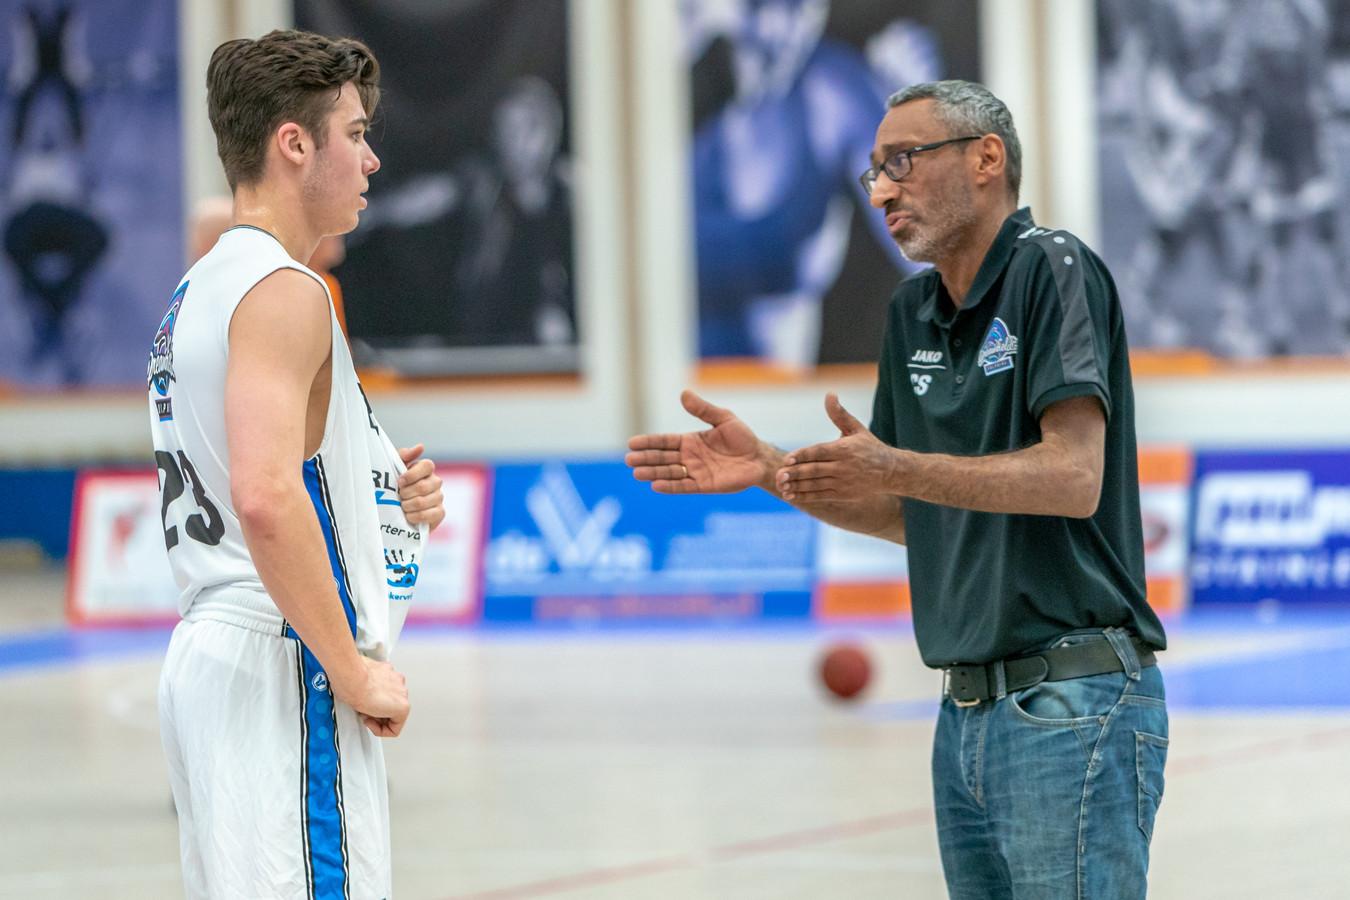 Coach Chris Stomp van Dreamfiels Dolphins geeft Beau de Wit aanwijzingen.